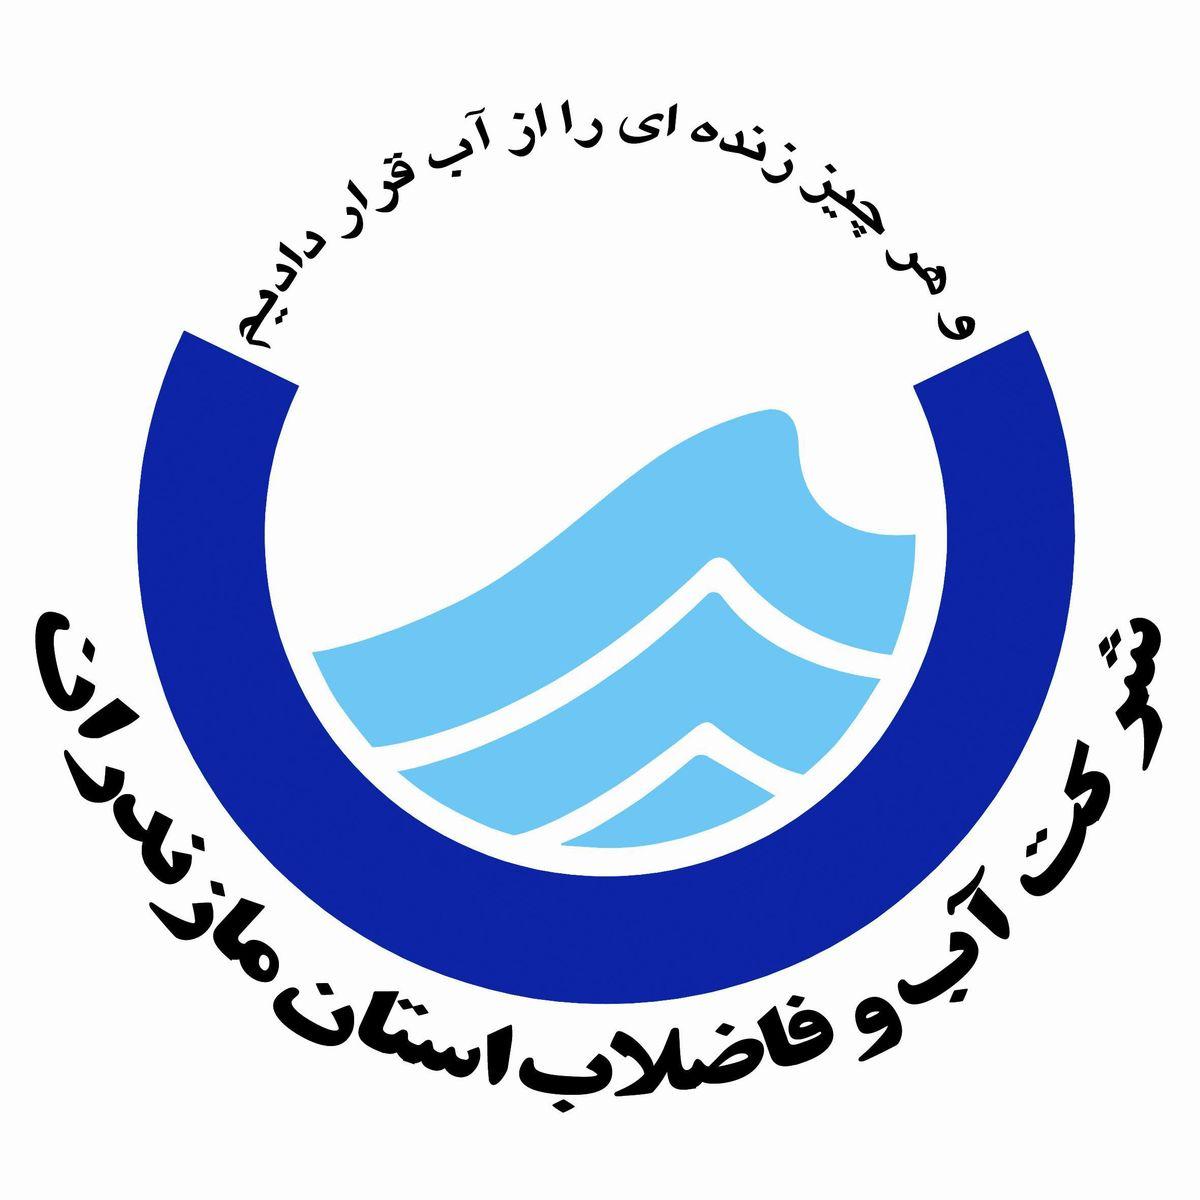 روز سه شنبه مشترکین شهر ساری با افت فشار آب مواجه می شوند